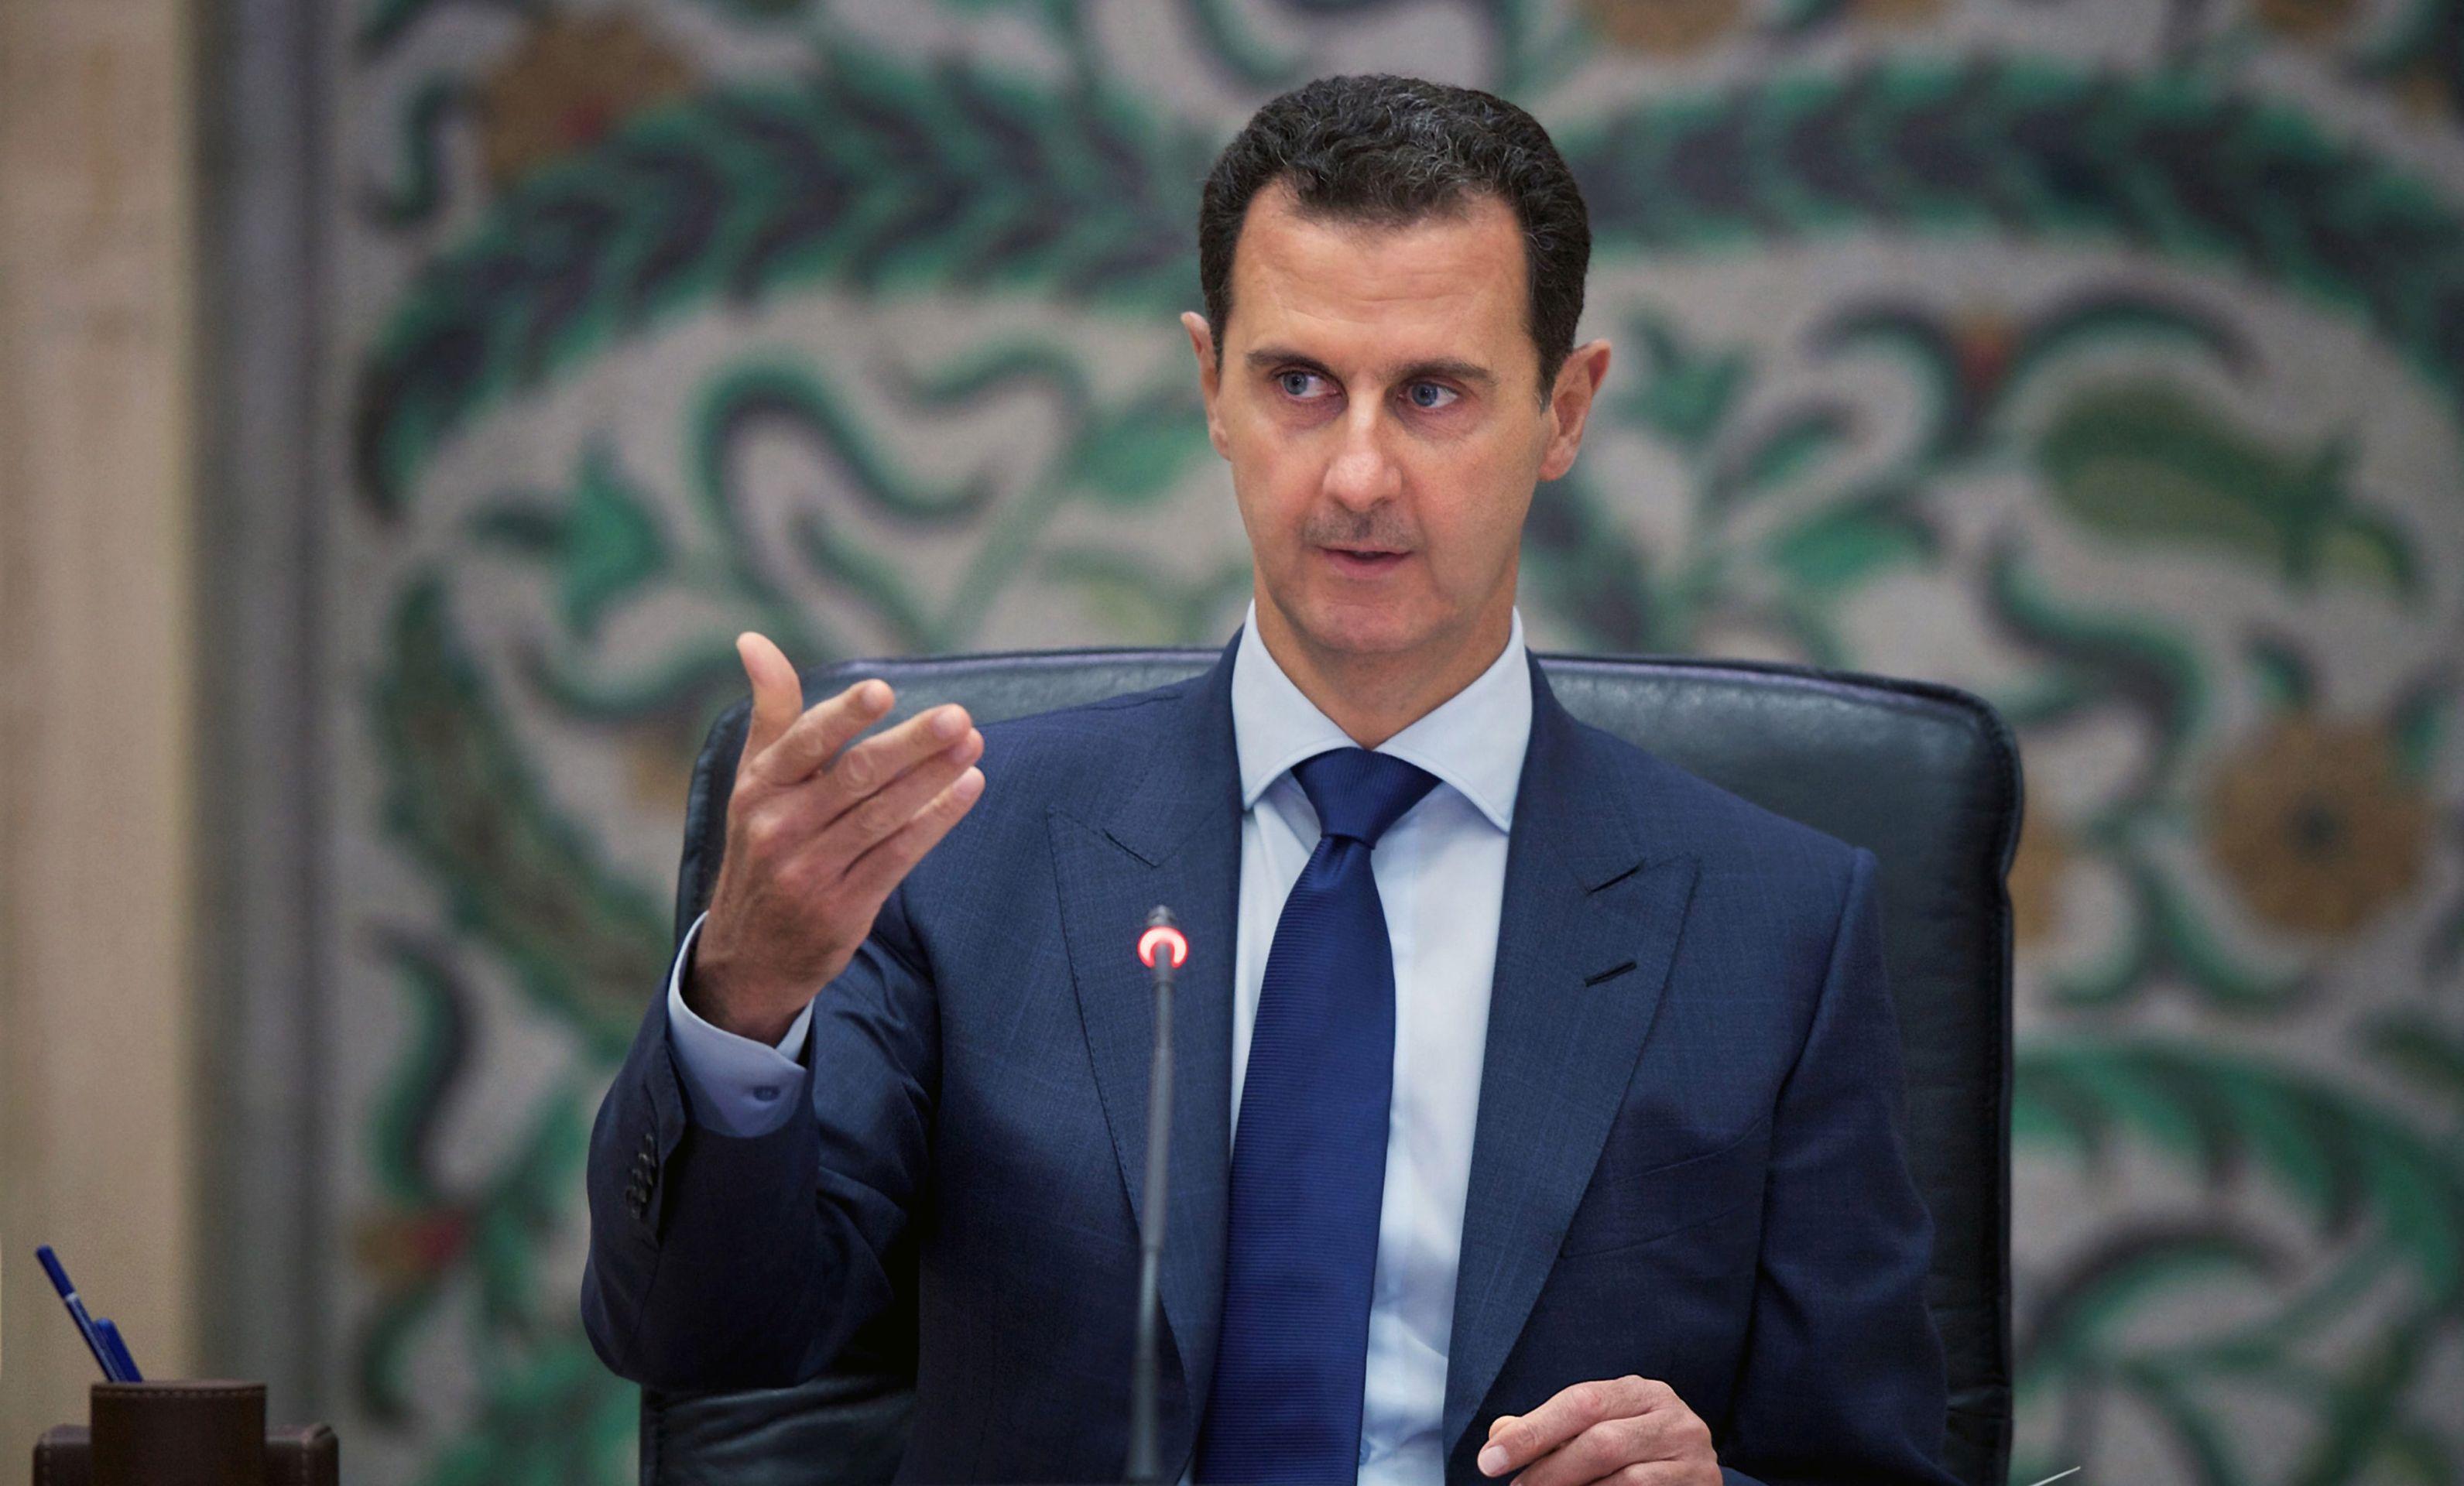 Turska kaže da ne može više inzistirati na rješavanju sirijskog sukoba bez Assada